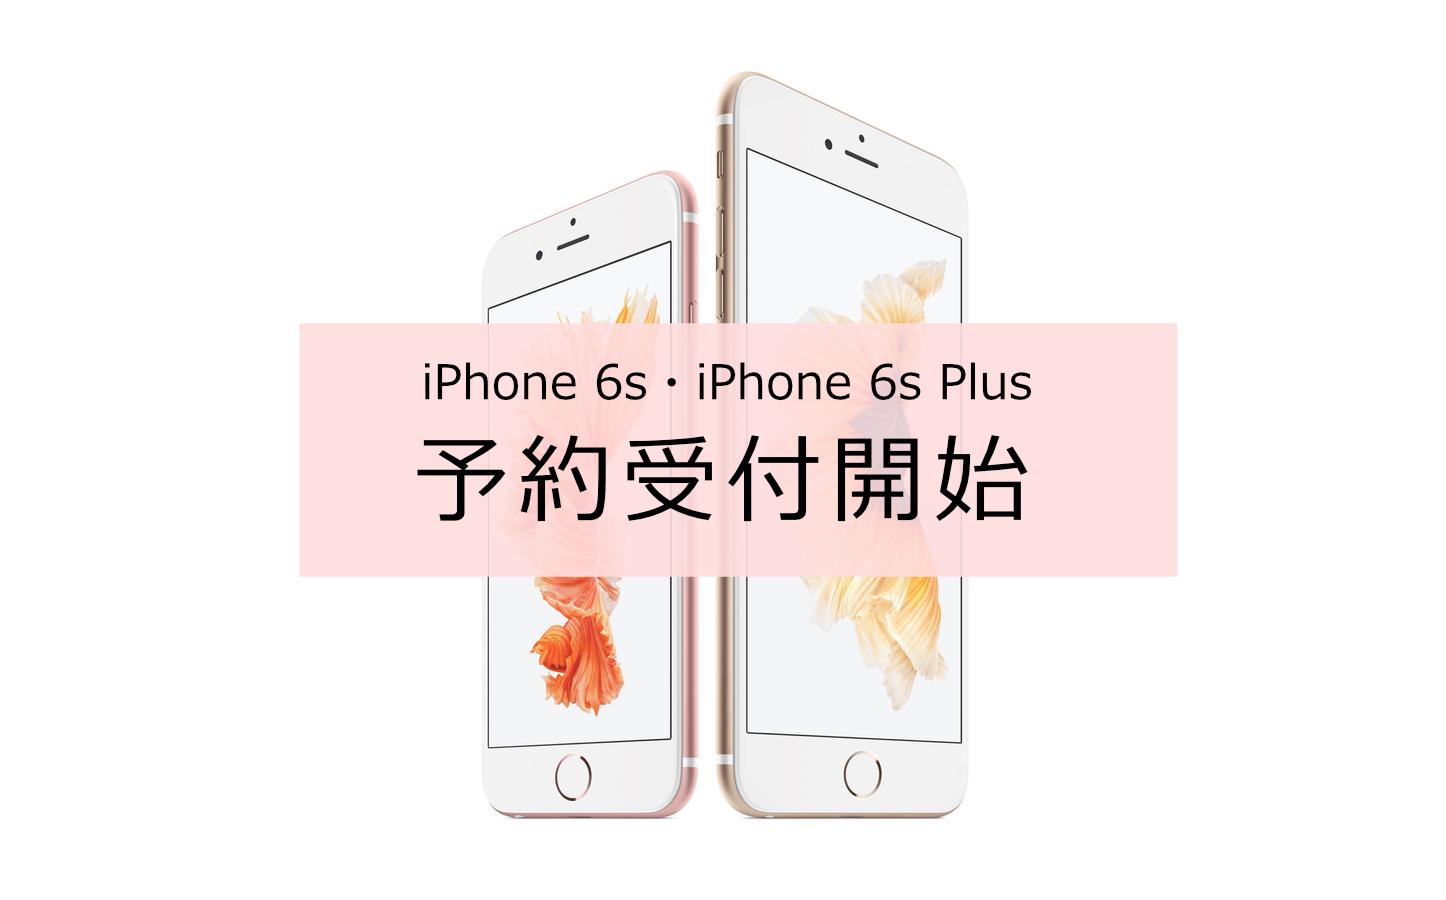 「iPhone 6s」「iPhone 6s Plus」の予約受付を開始へ